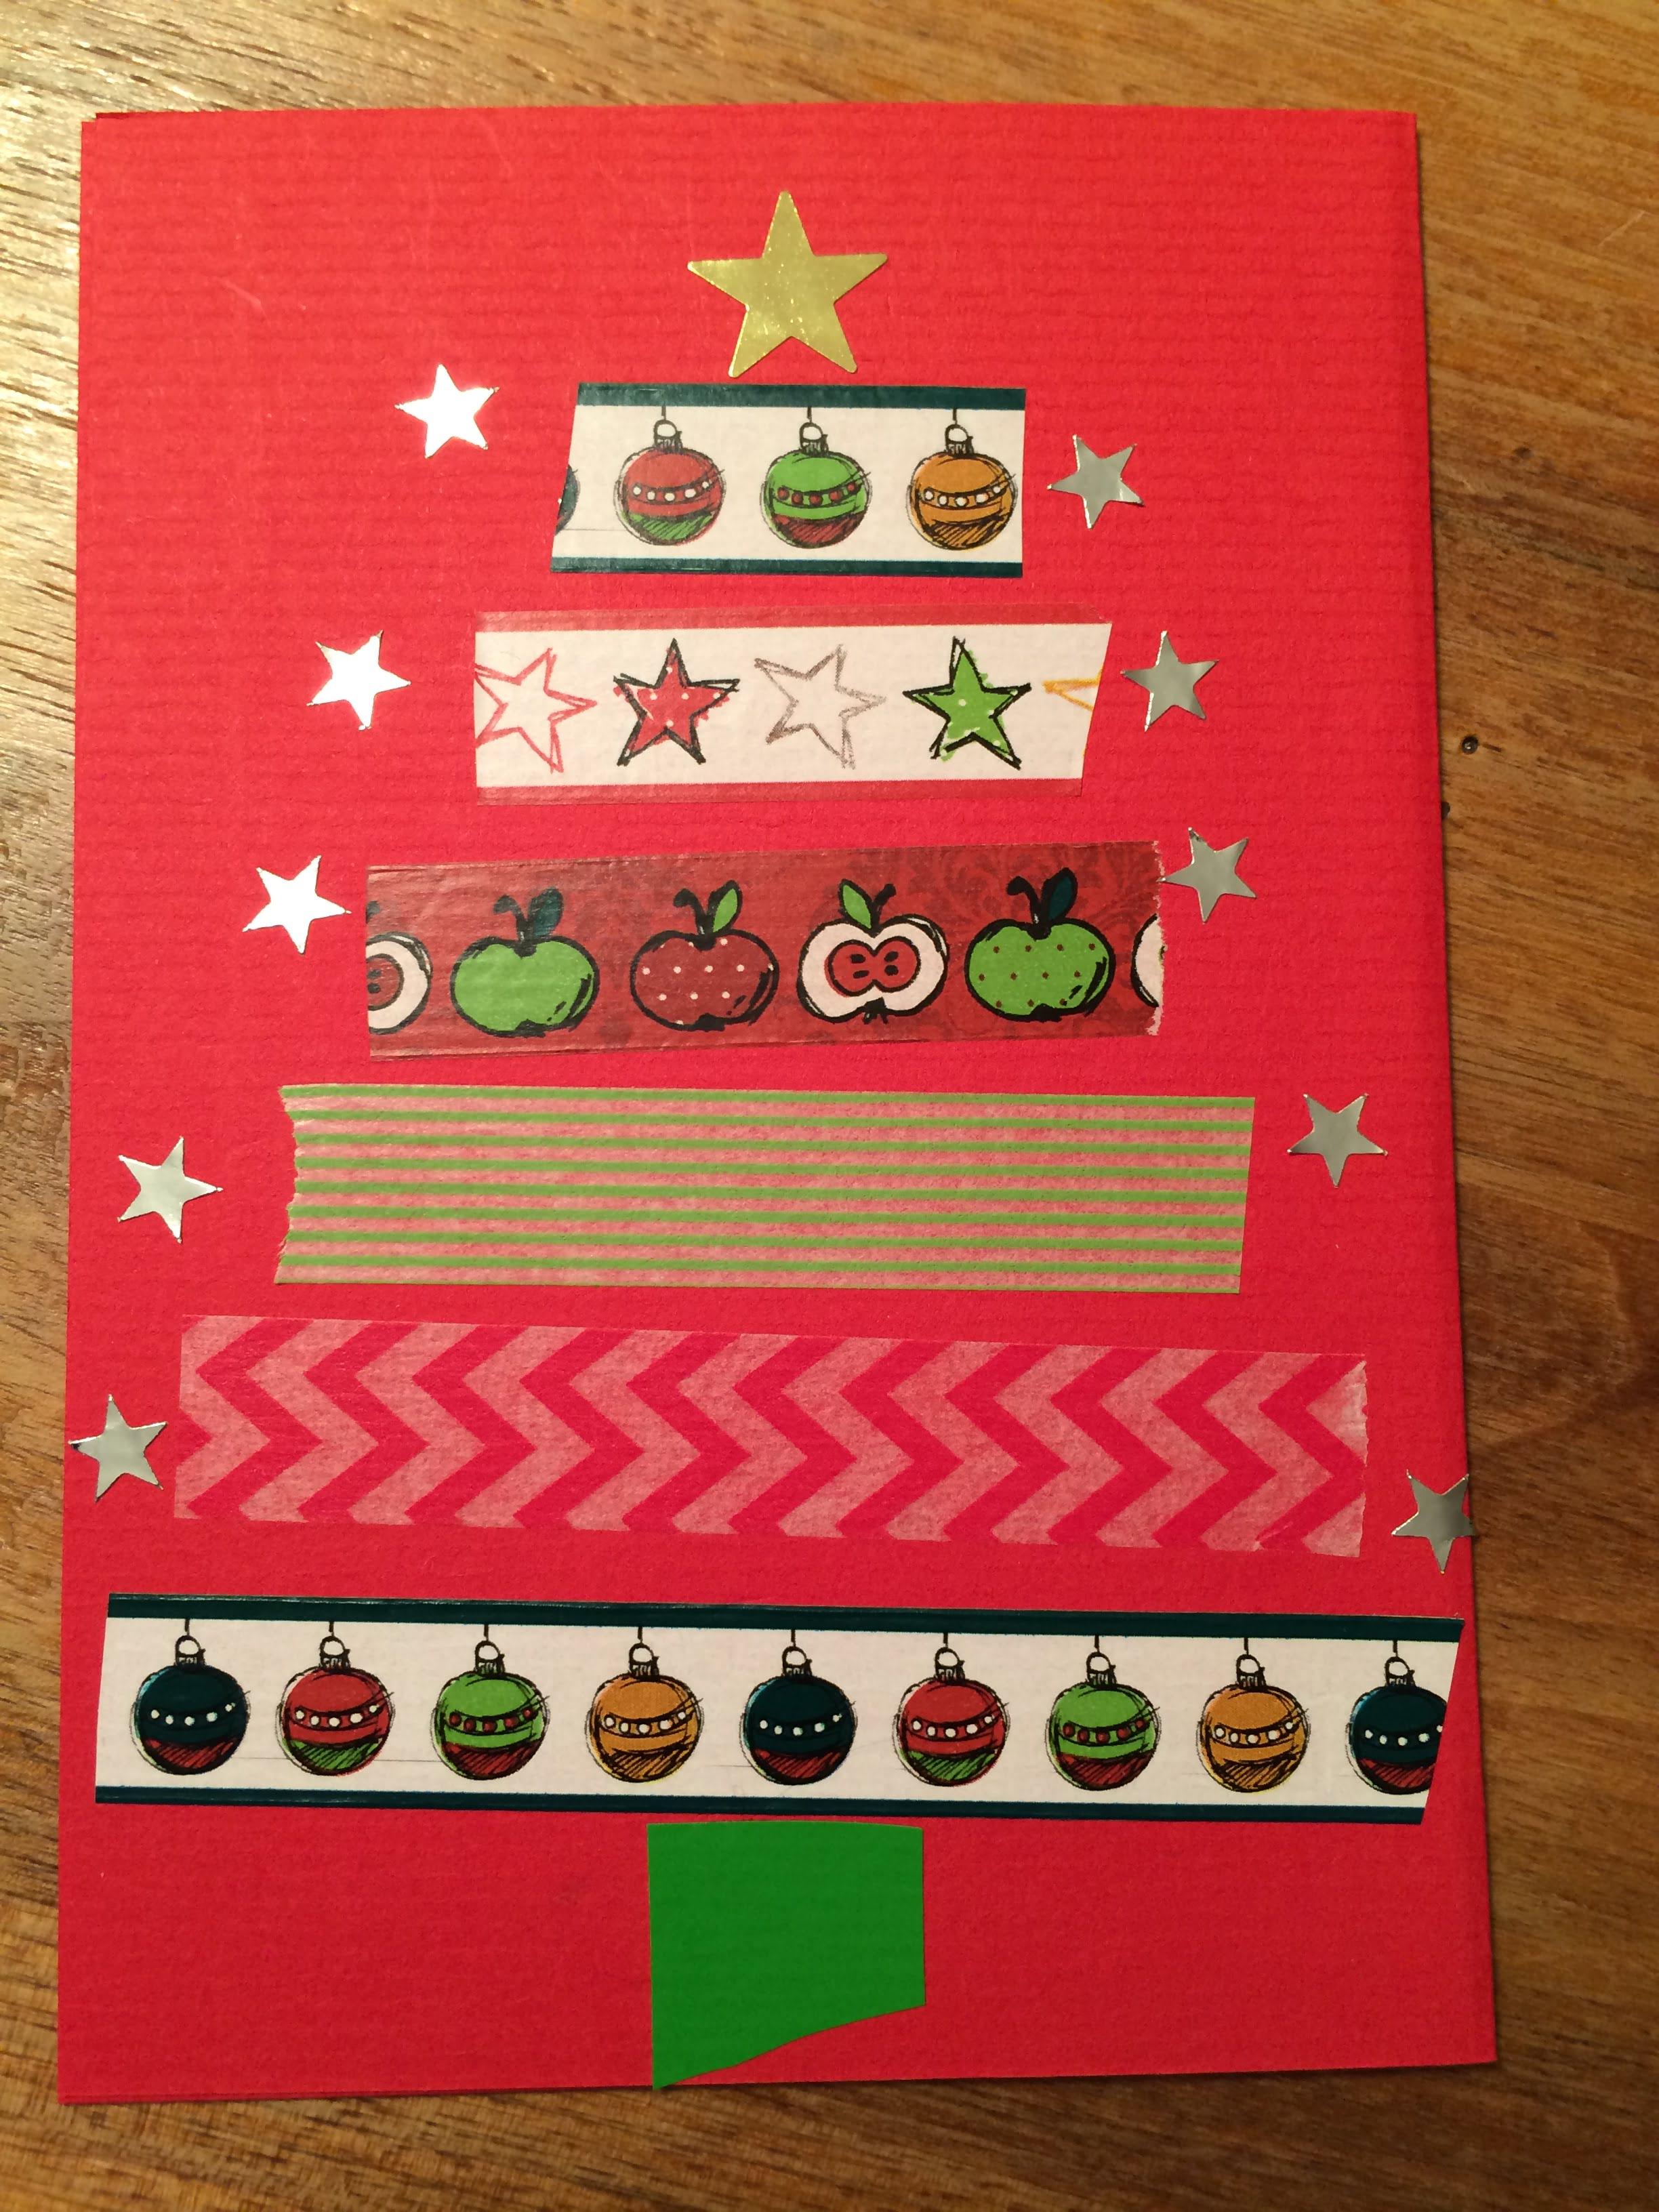 Gebastelte Weihnachtskarten.Schreibt Mal Wieder Weihnachtskarten Selbst Gemacht Schweizer